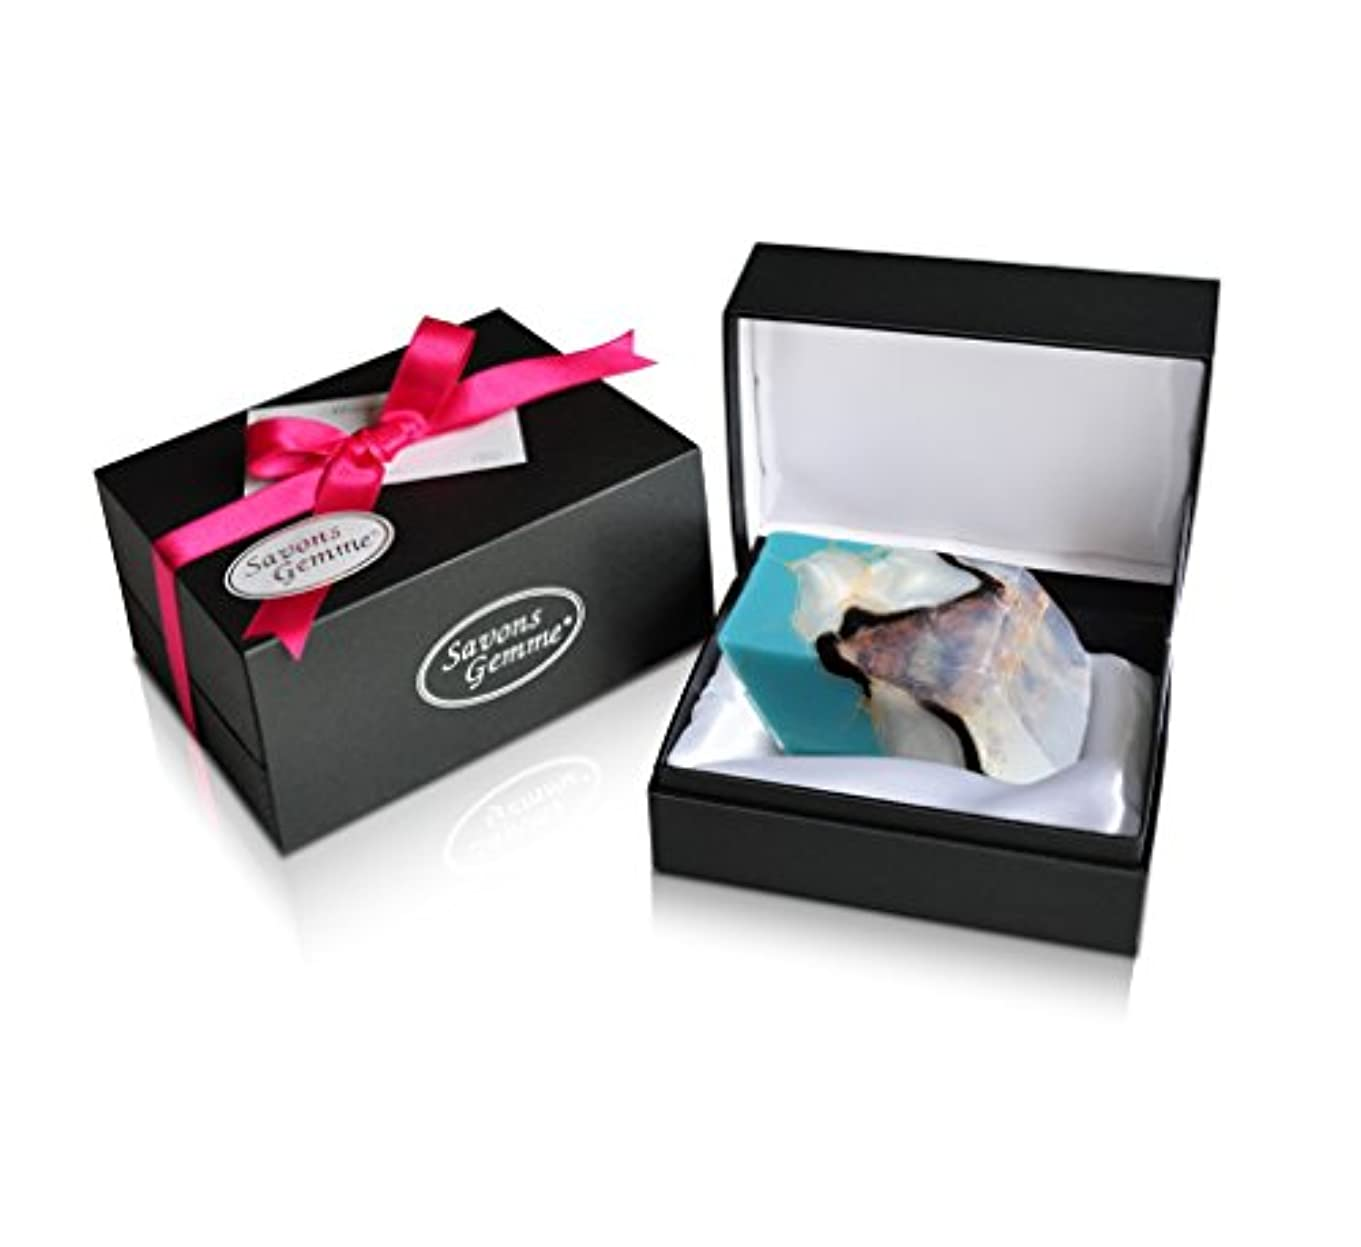 夜明けさておきリーズSavons Gemme サボンジェム ジュエリーギフトボックス 世界で一番美しい宝石石鹸 フレグランス ソープ ターコイズ 170g